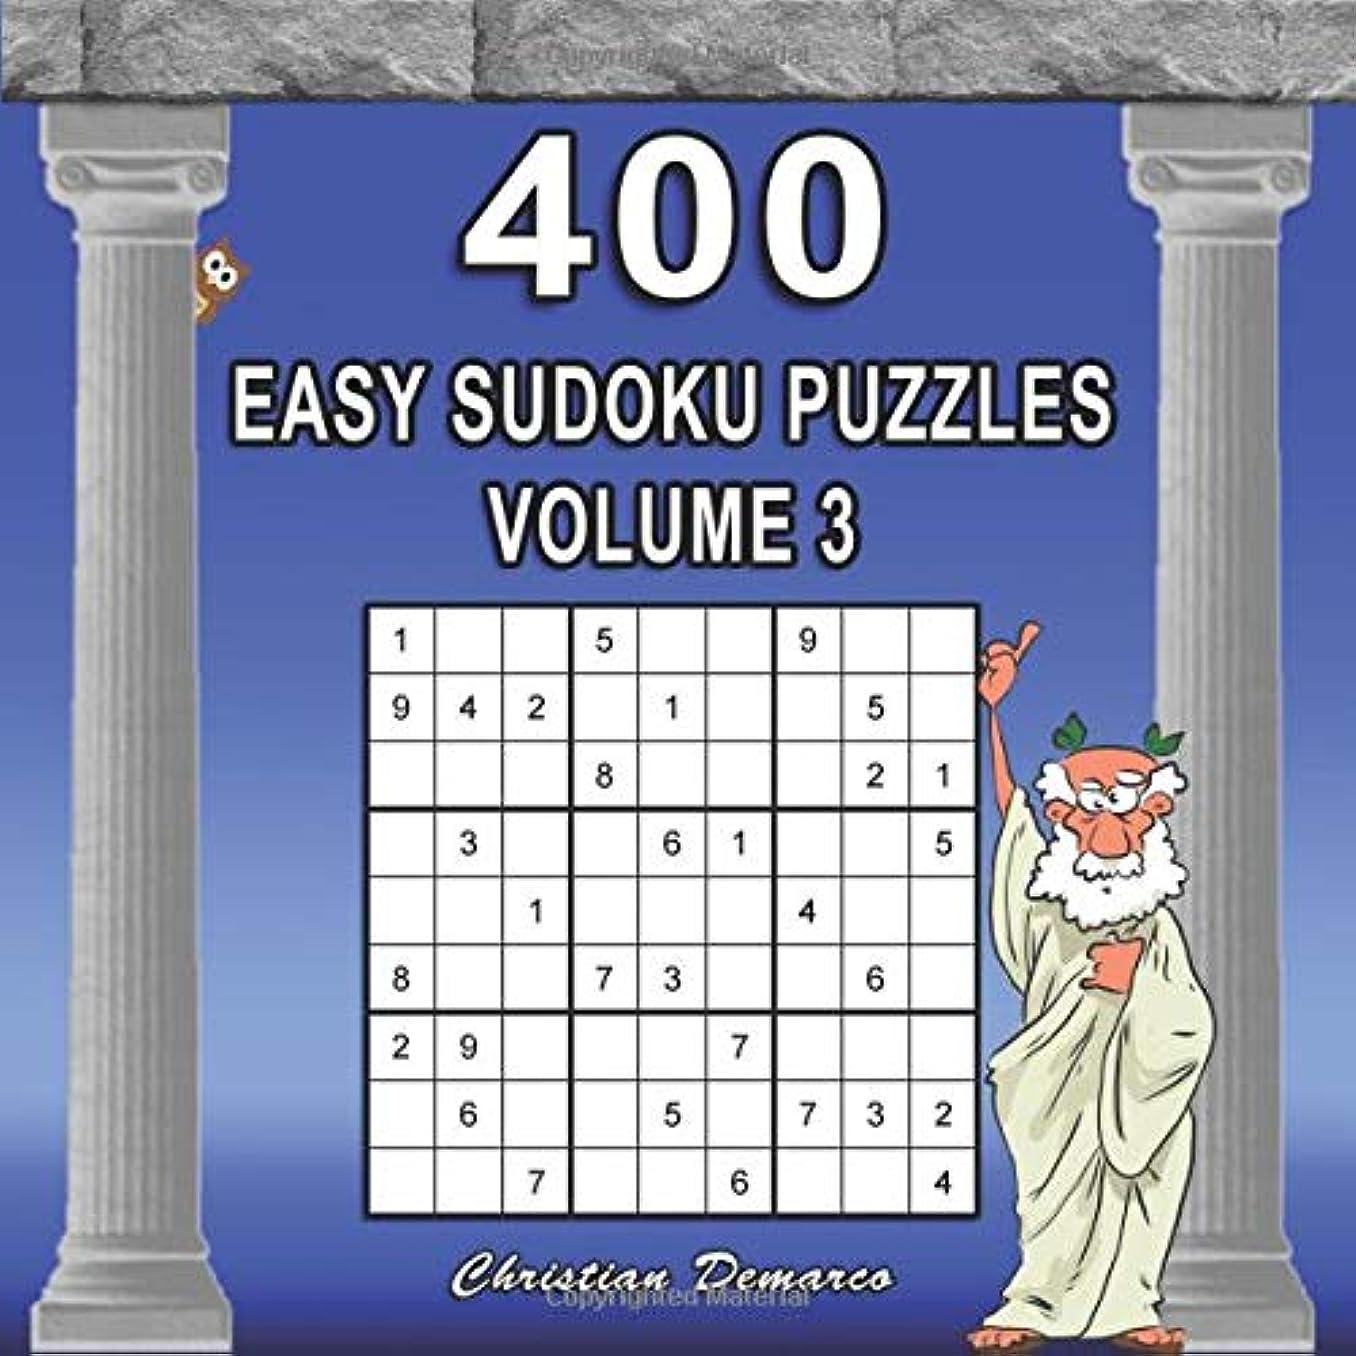 スカーフ壮大なミネラル400 Easy Sudoku Puzzles Volume 3: Extra Large Book Layout - Only 4 Puzzles per Page